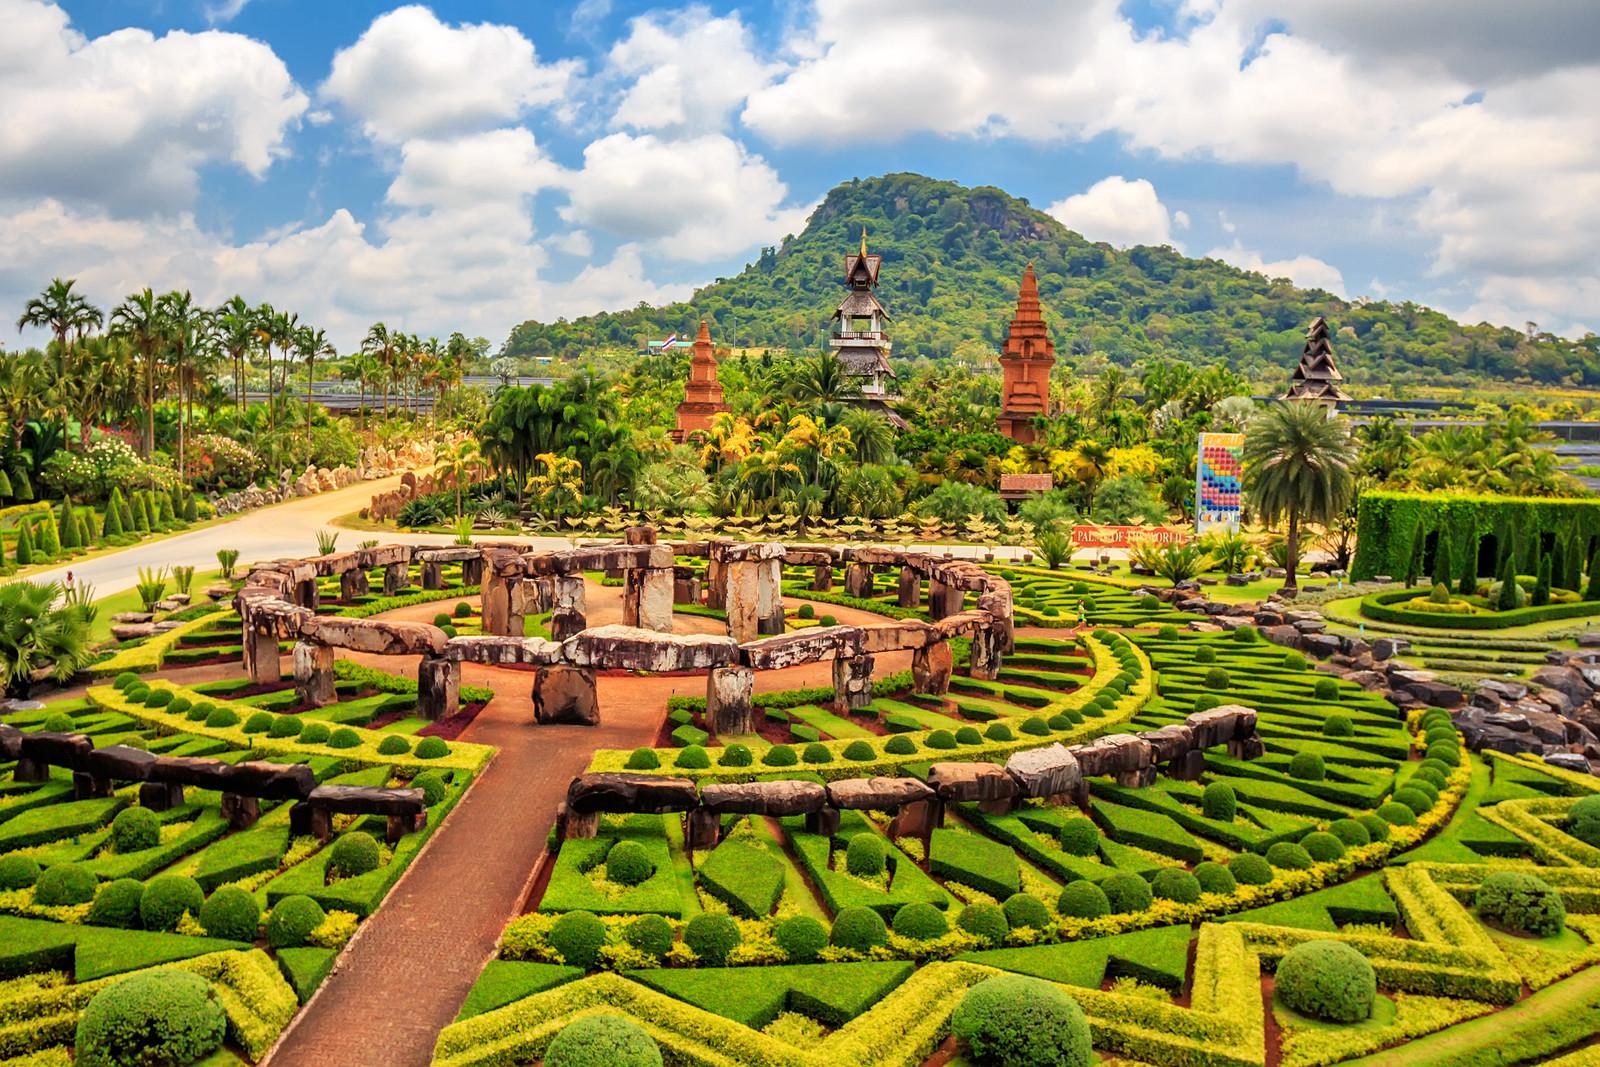 Nong Nooch Botanic Garden